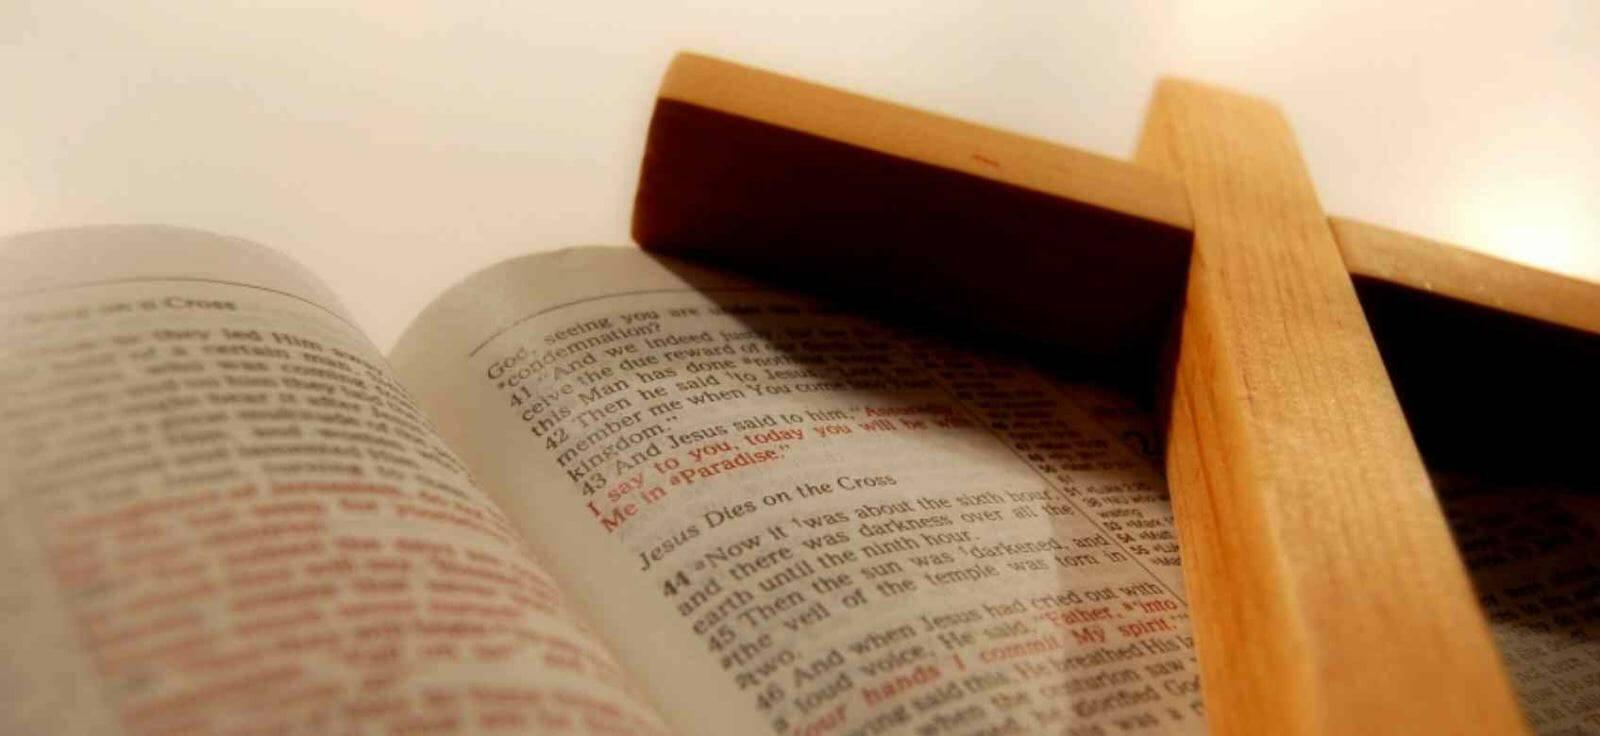 Kinh Thánh, ngọn đèn sáng soi mãi mãi